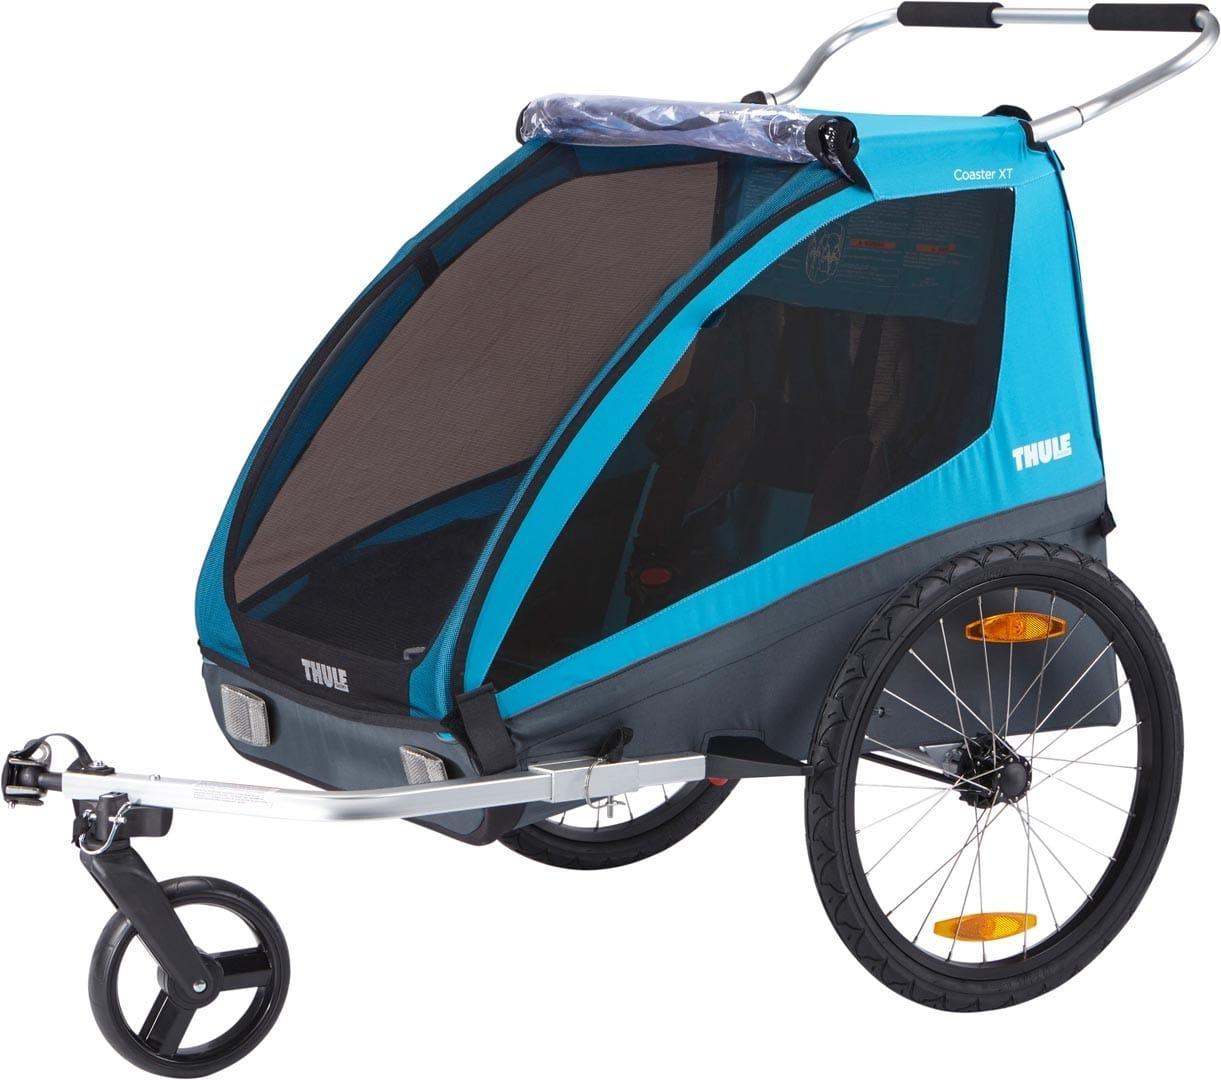 Дитяча коляска-причіп для велосипеда Thule Coaster XT (Blue)